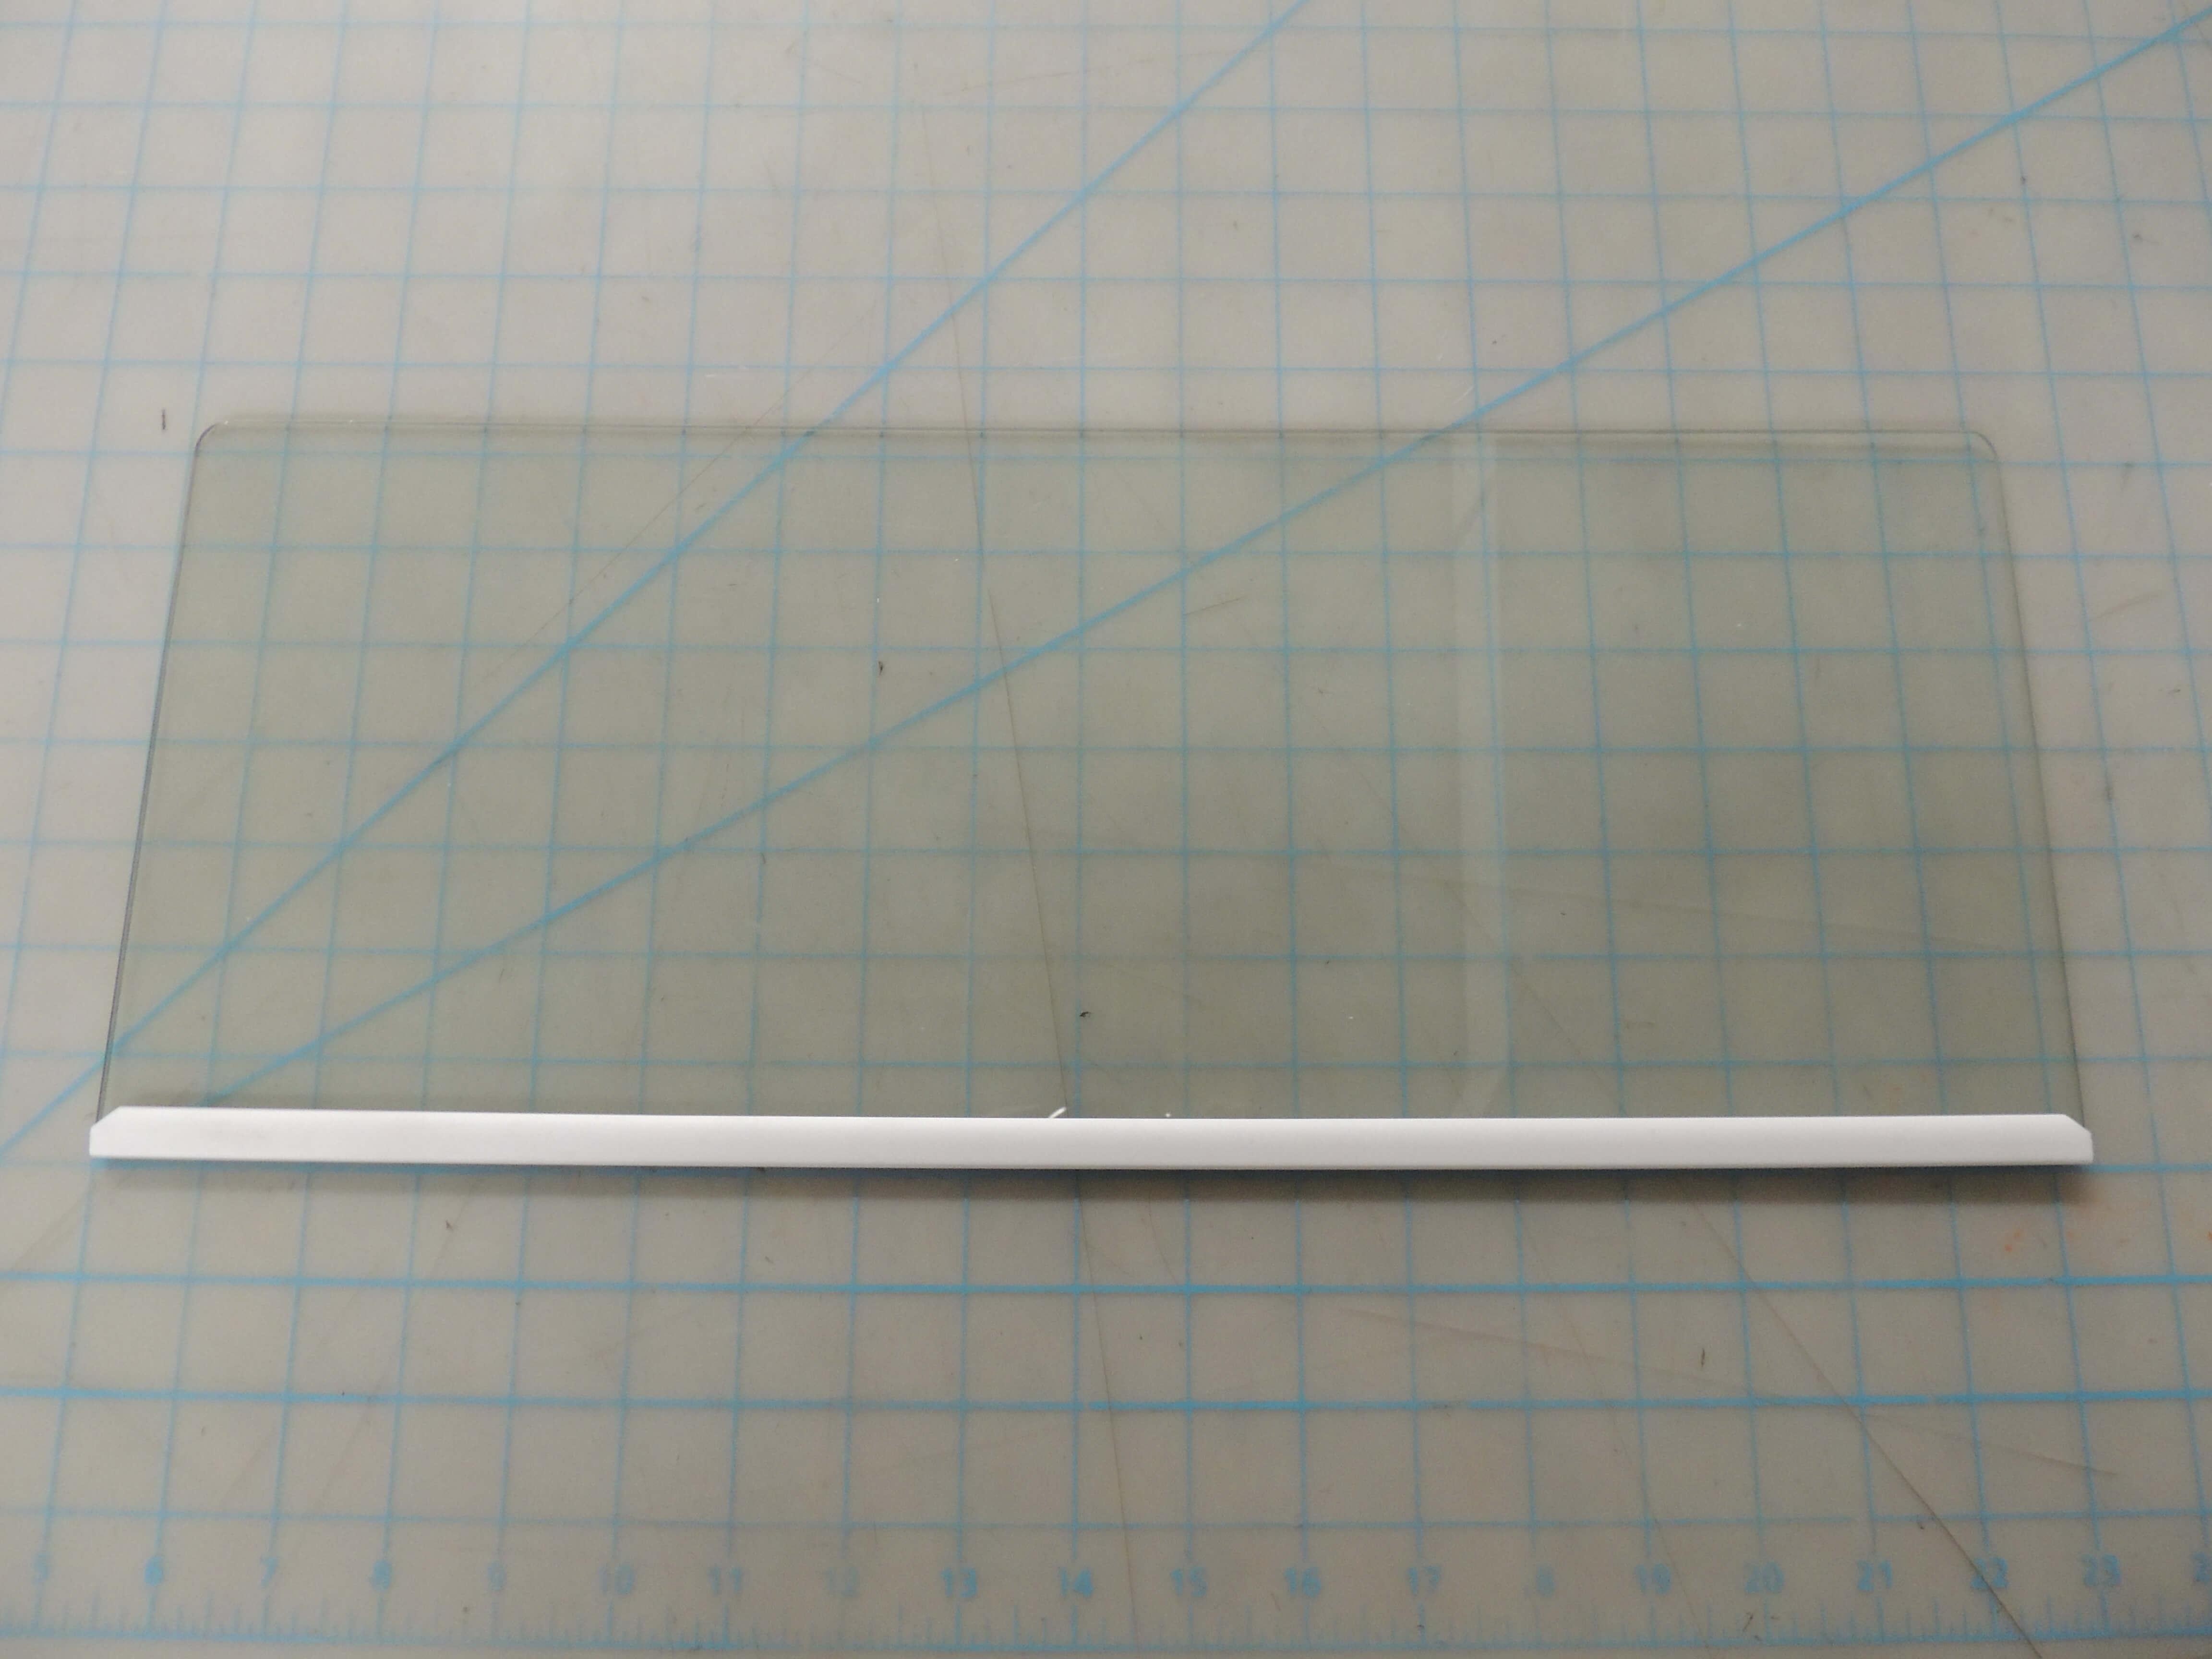 Cover of Crisper Drawer